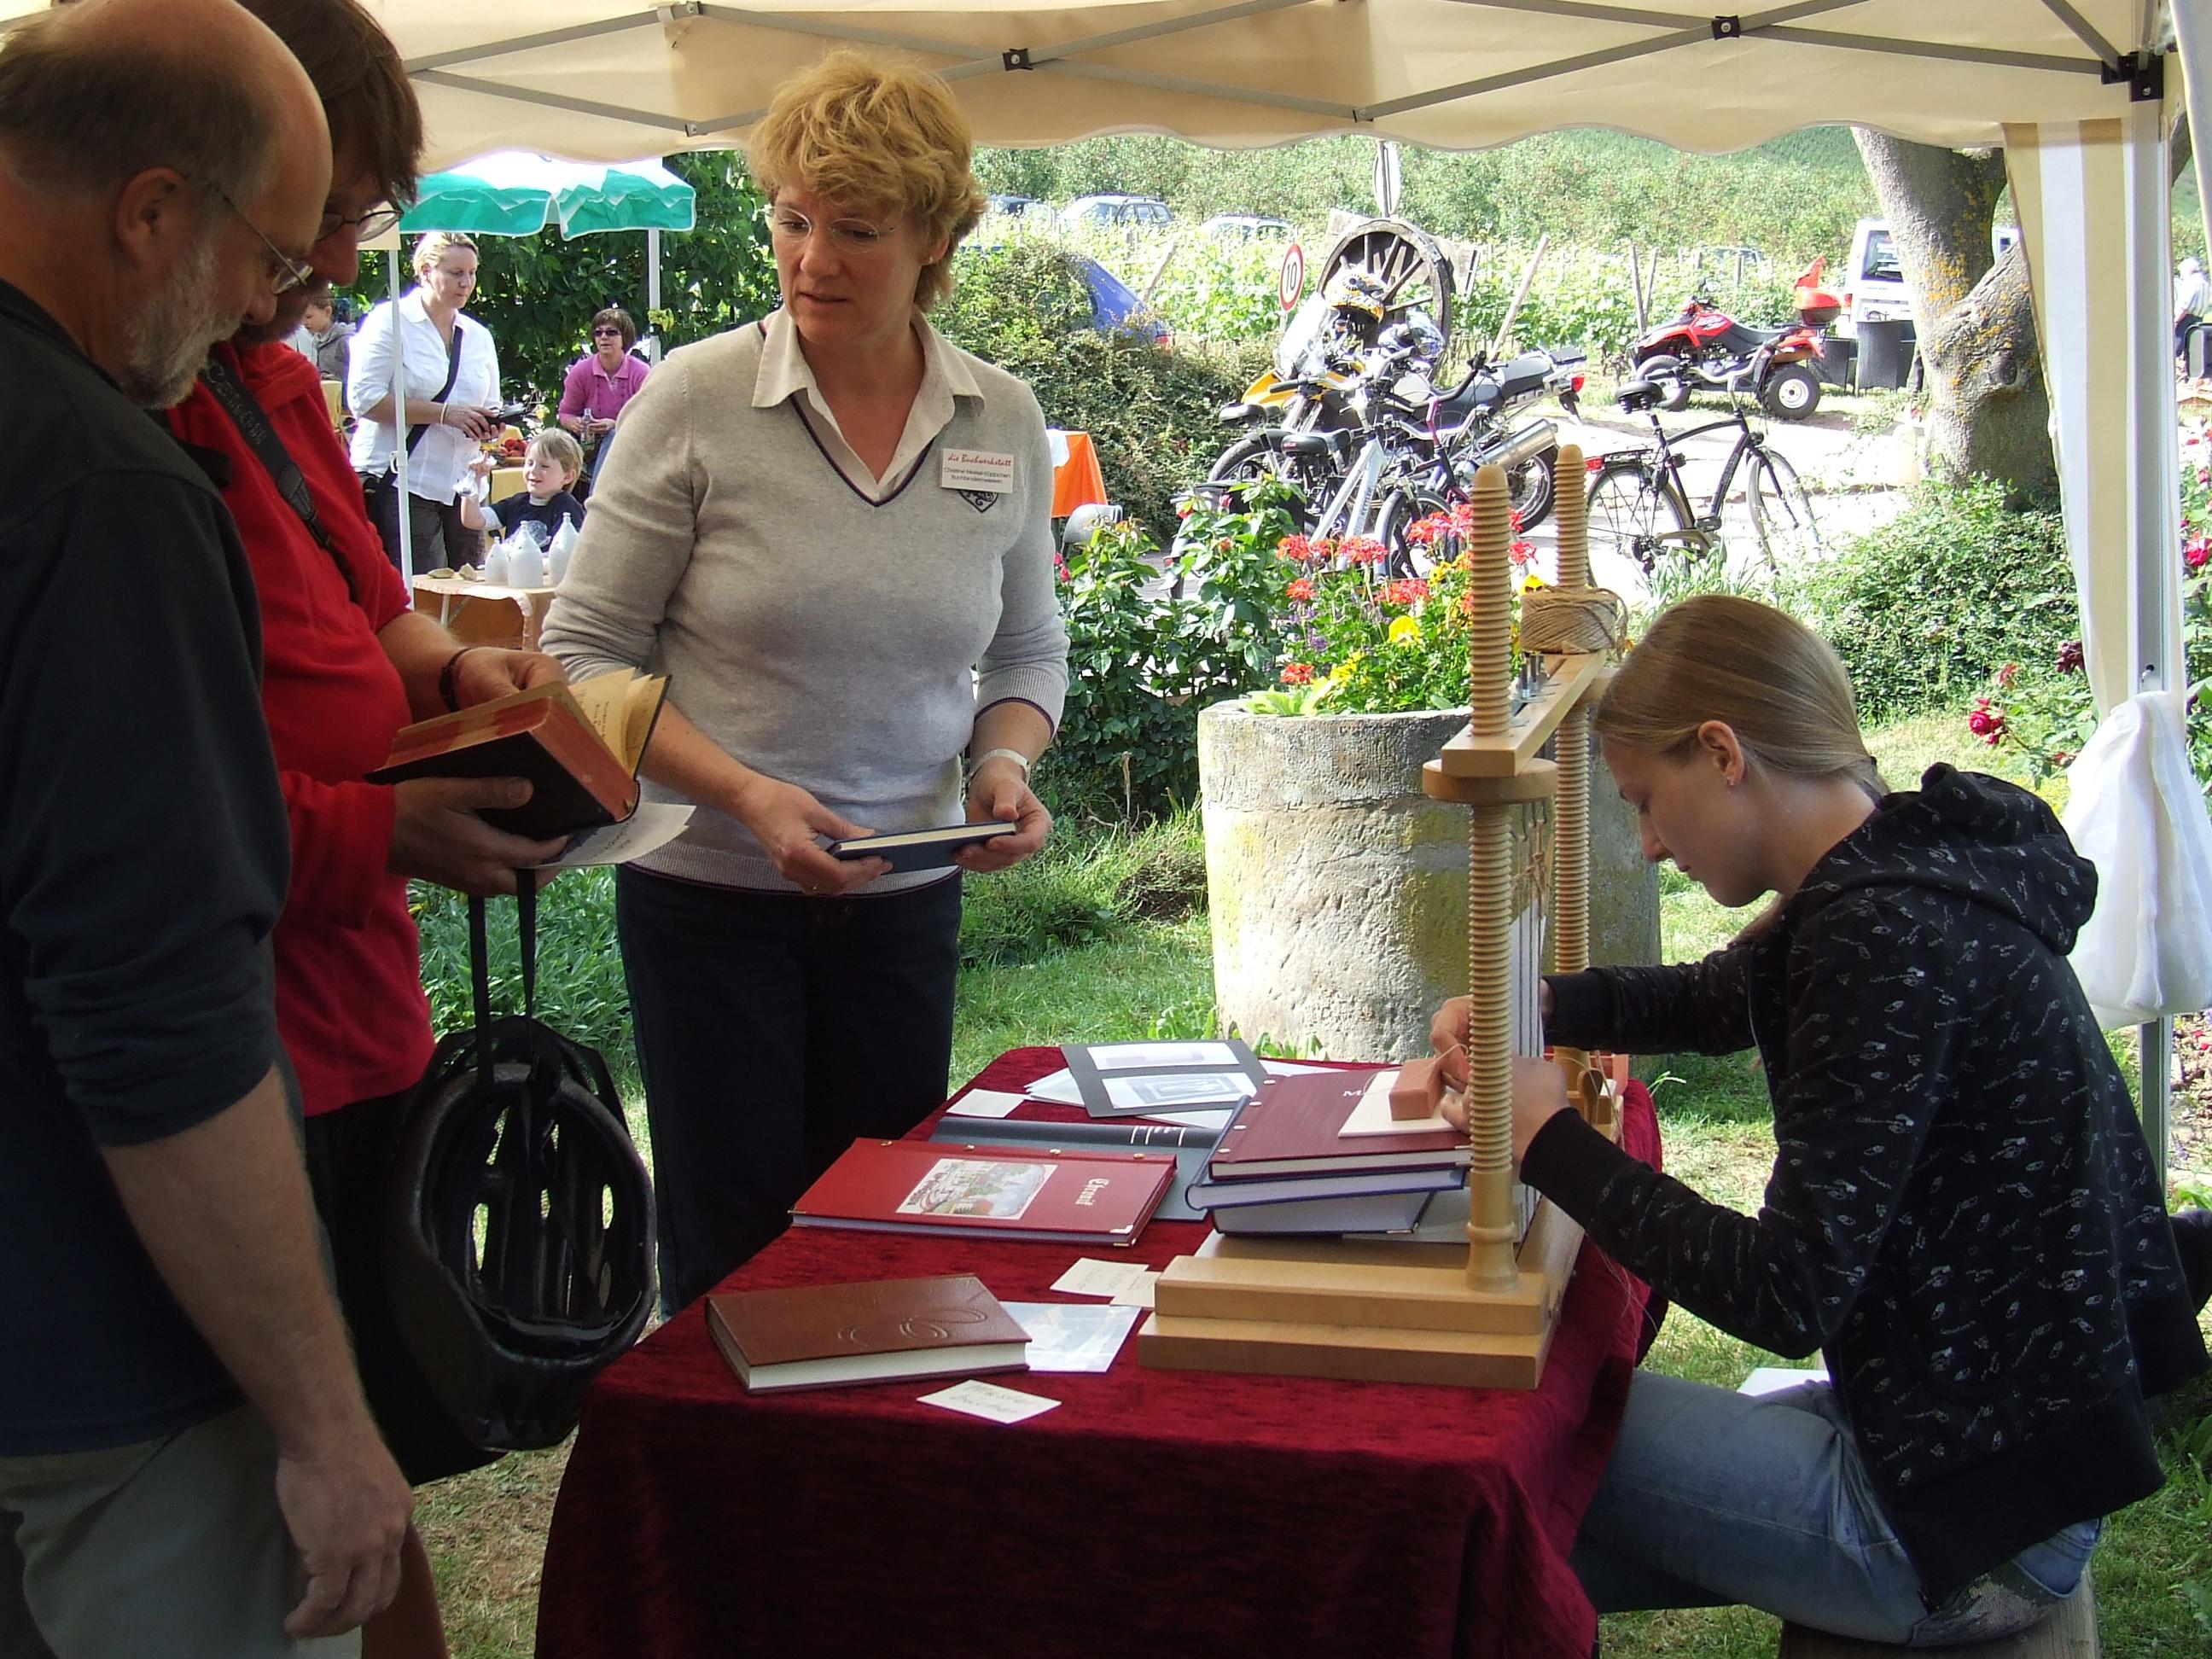 Buchwerkstatt: Beratungsgespräch während einer Ausstellung auf einem Handwerkermarkt